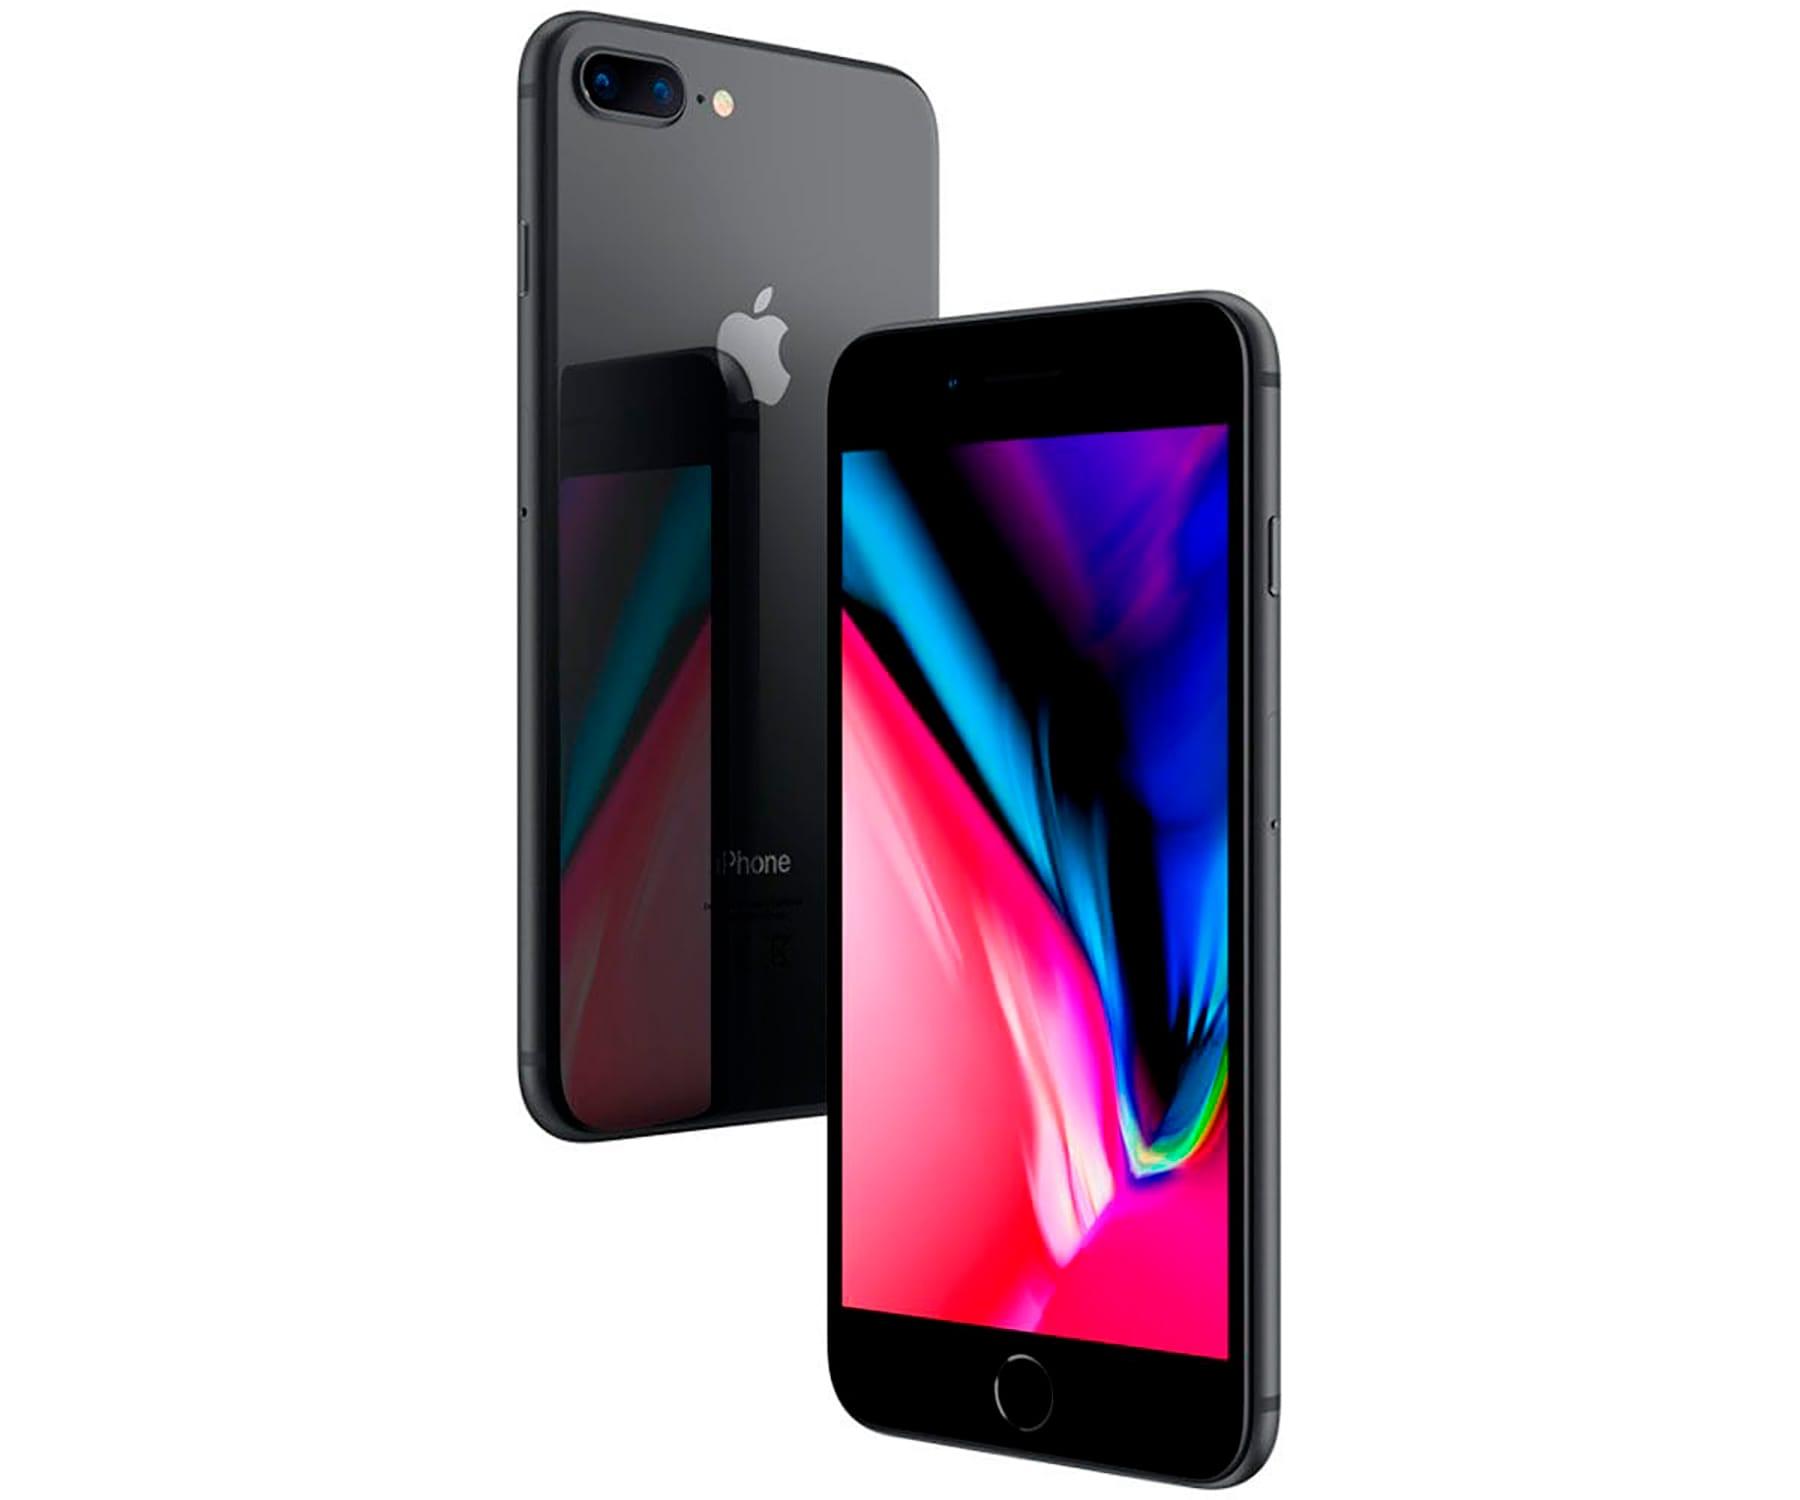 APPLE IPHONE 8 PLUS 64GB Gris Espacial Reacondicionado Recommerce MÓVIL 4G 5.5'' RETINA FHD/6CORE/64GB/3GB RAM/12MP+12MP/7MP